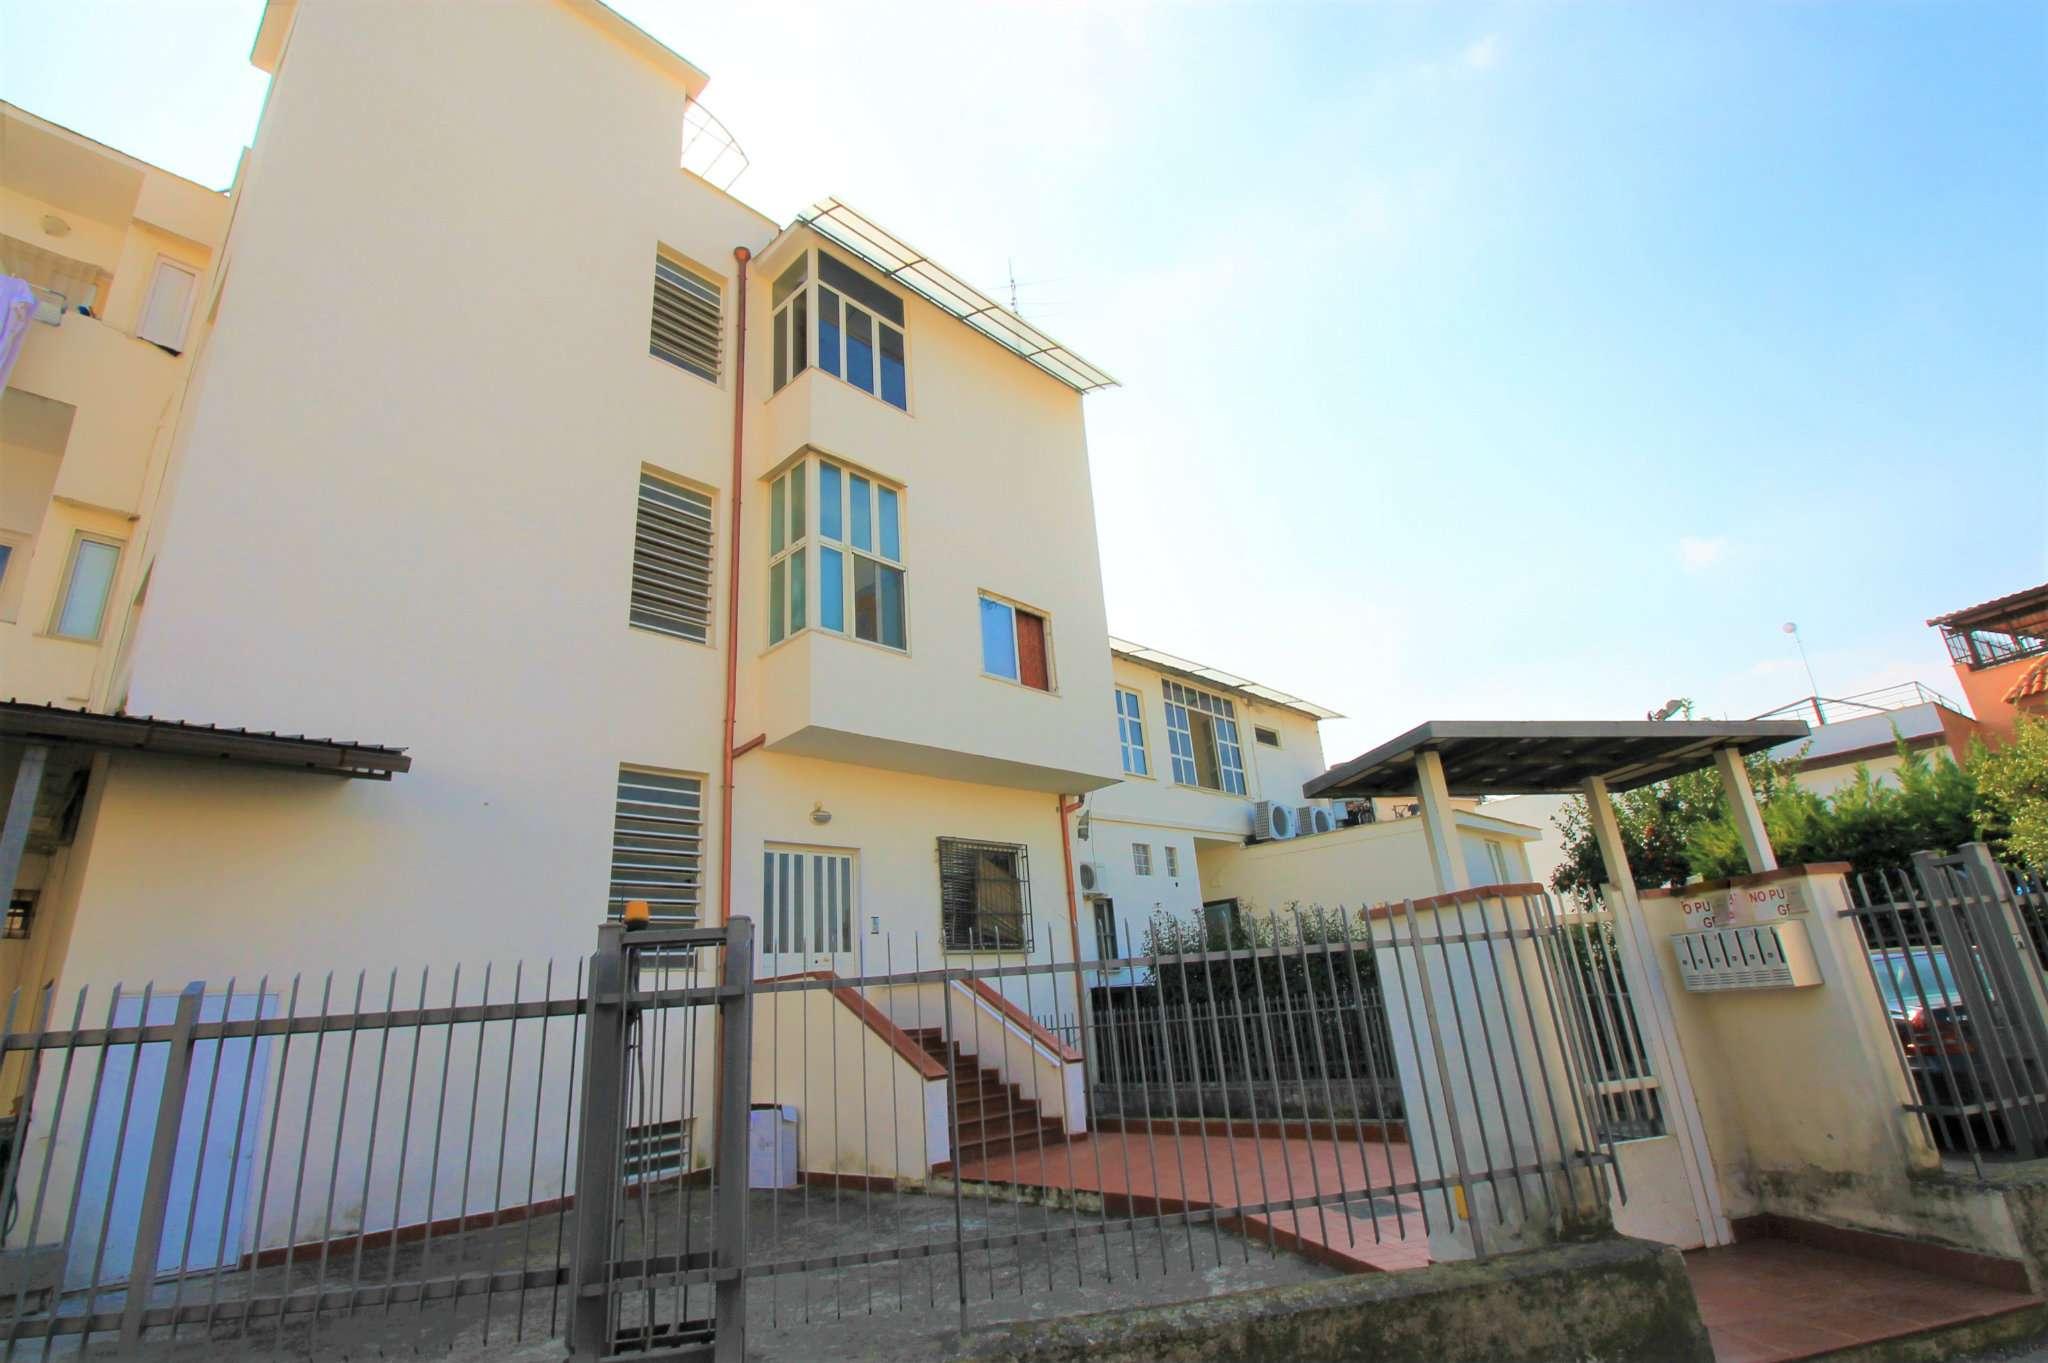 Appartamento in vendita a Saviano, 3 locali, prezzo € 160.000 | Cambio Casa.it